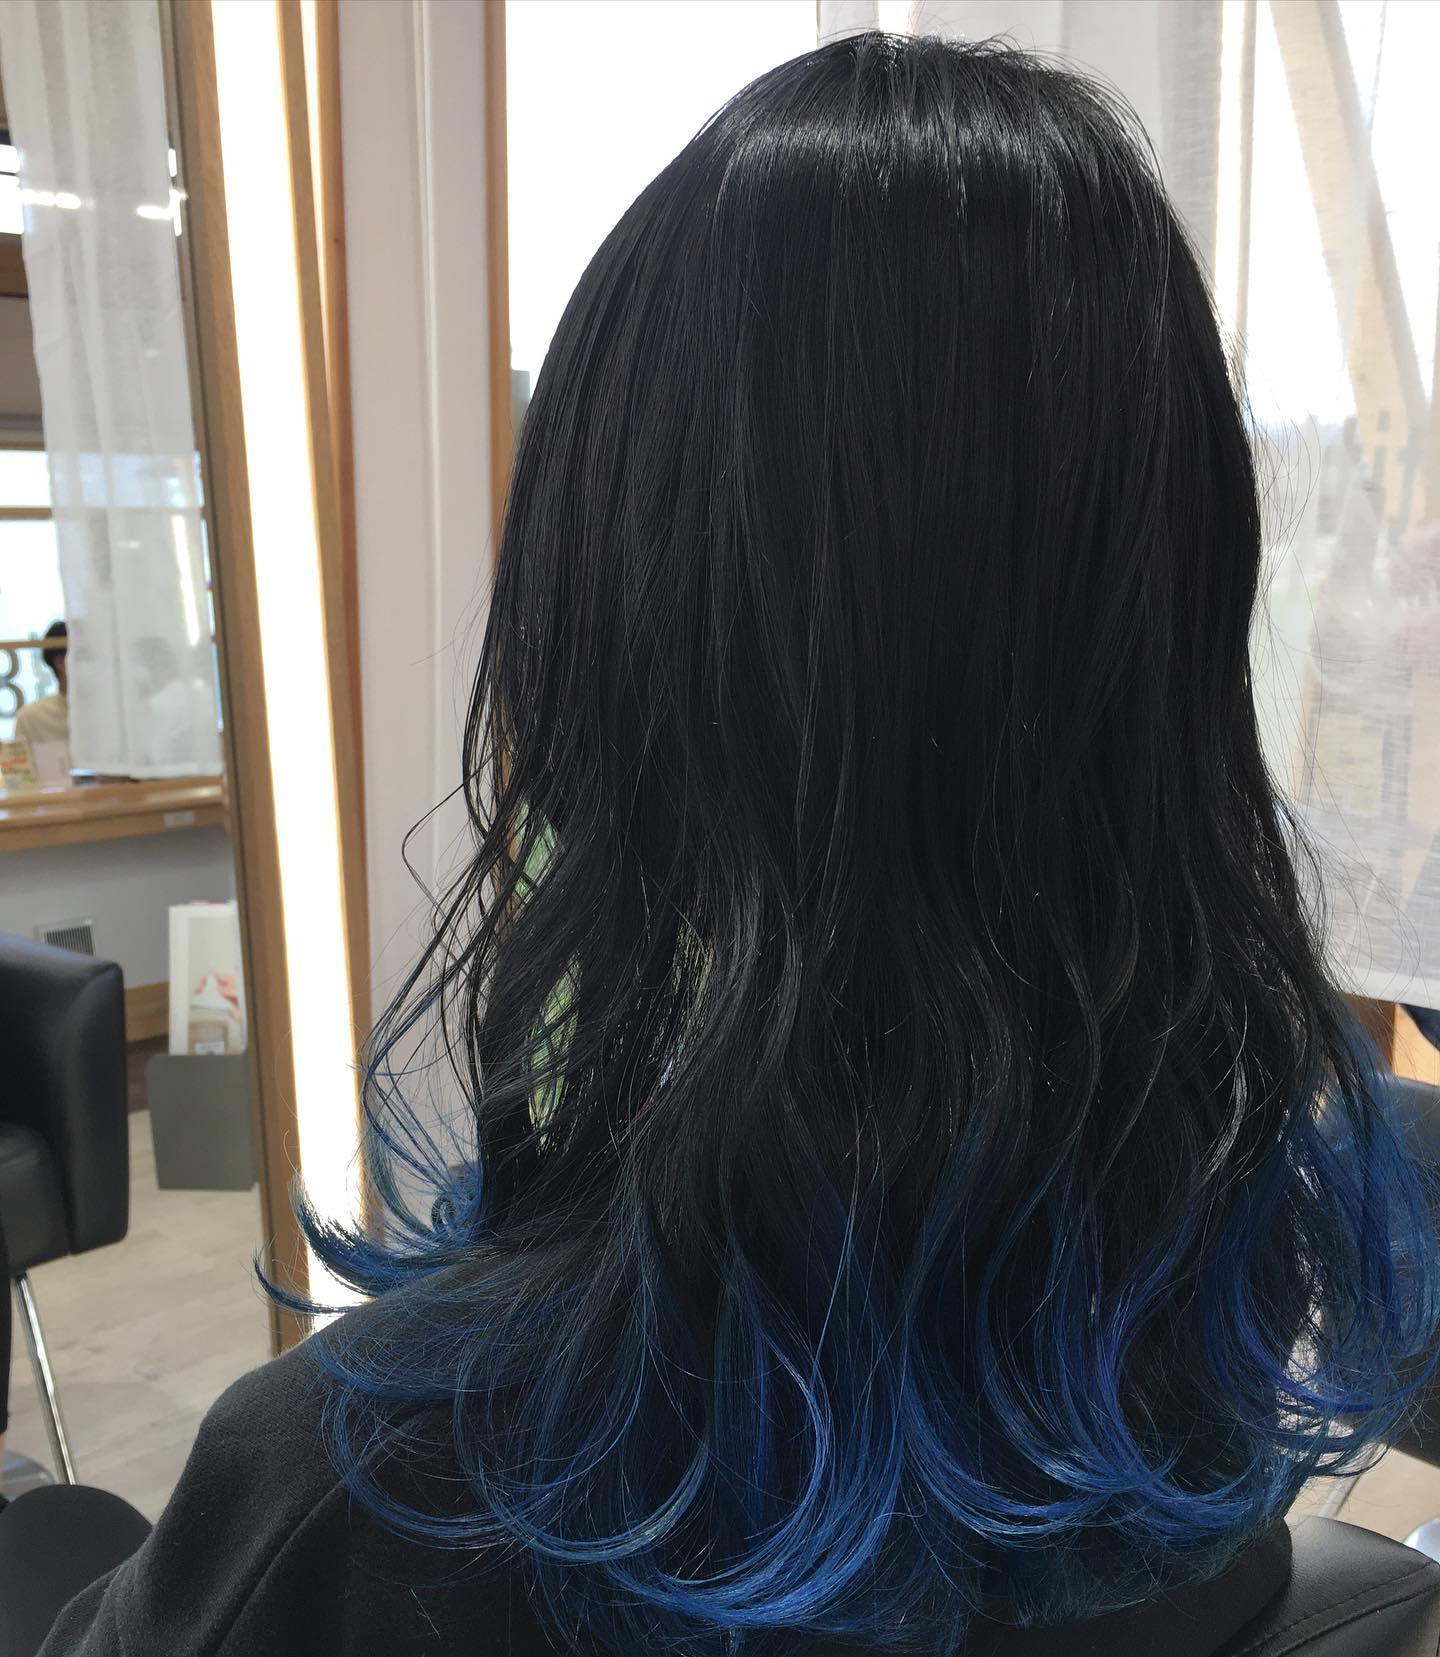 平日  10:00〜20:00lastcut 18:30 other 18:00土日祝  9:00〜19:00lastcut 18:00 other 17:00close  wednesdayhttp://www.totti-hd.comブルーグラデーションクールでかっこ可愛い#totti#perm #cut #hairstyle #haircolor #hairarrange #stylist #care #carelist #aujua #イルミナカラー #headspa #treatment #美容院#着付け